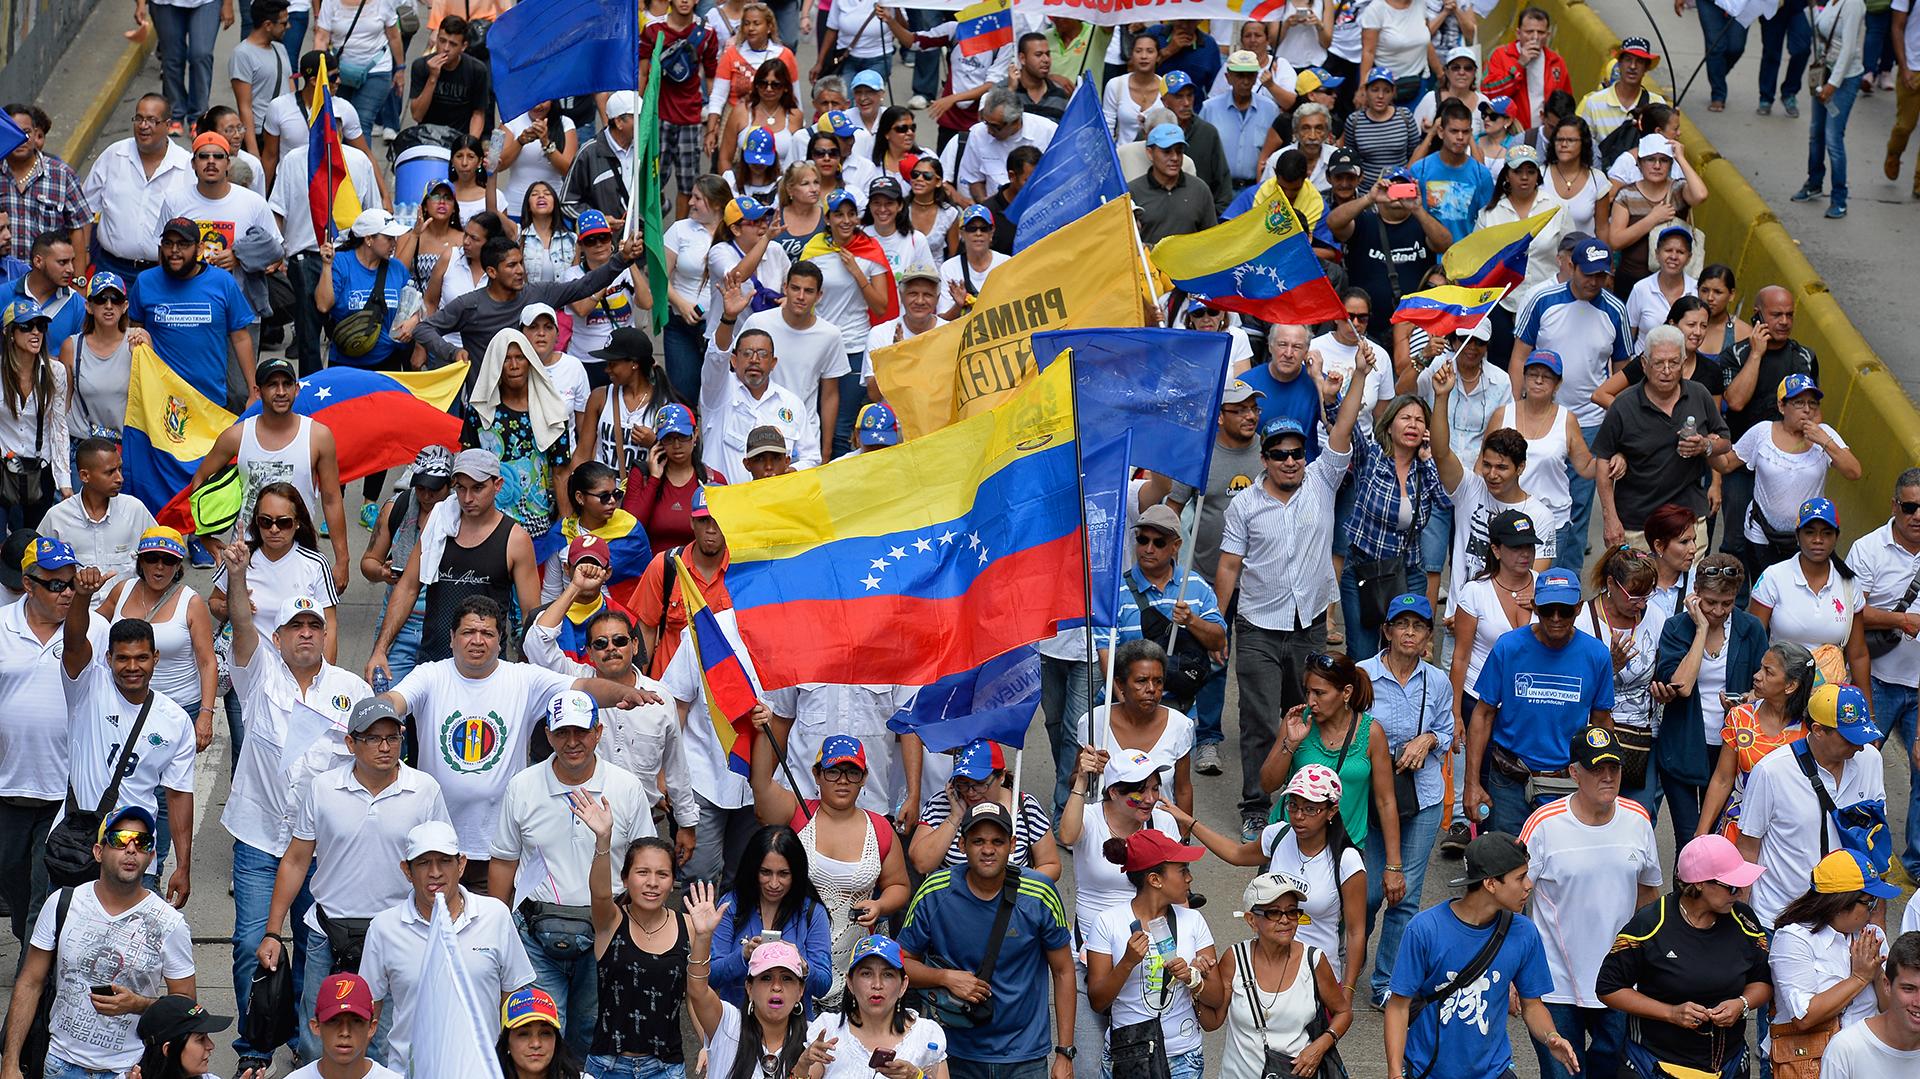 Libertad de expresión: si hay algo que caracteriza al chavismo es el acoso a los medios de comunicación independientes. Este problema lo denunció en reiteradas ocasiones la Sociedad Interamericana de Prensa (SIP), entre otras organizaciones (AFP)